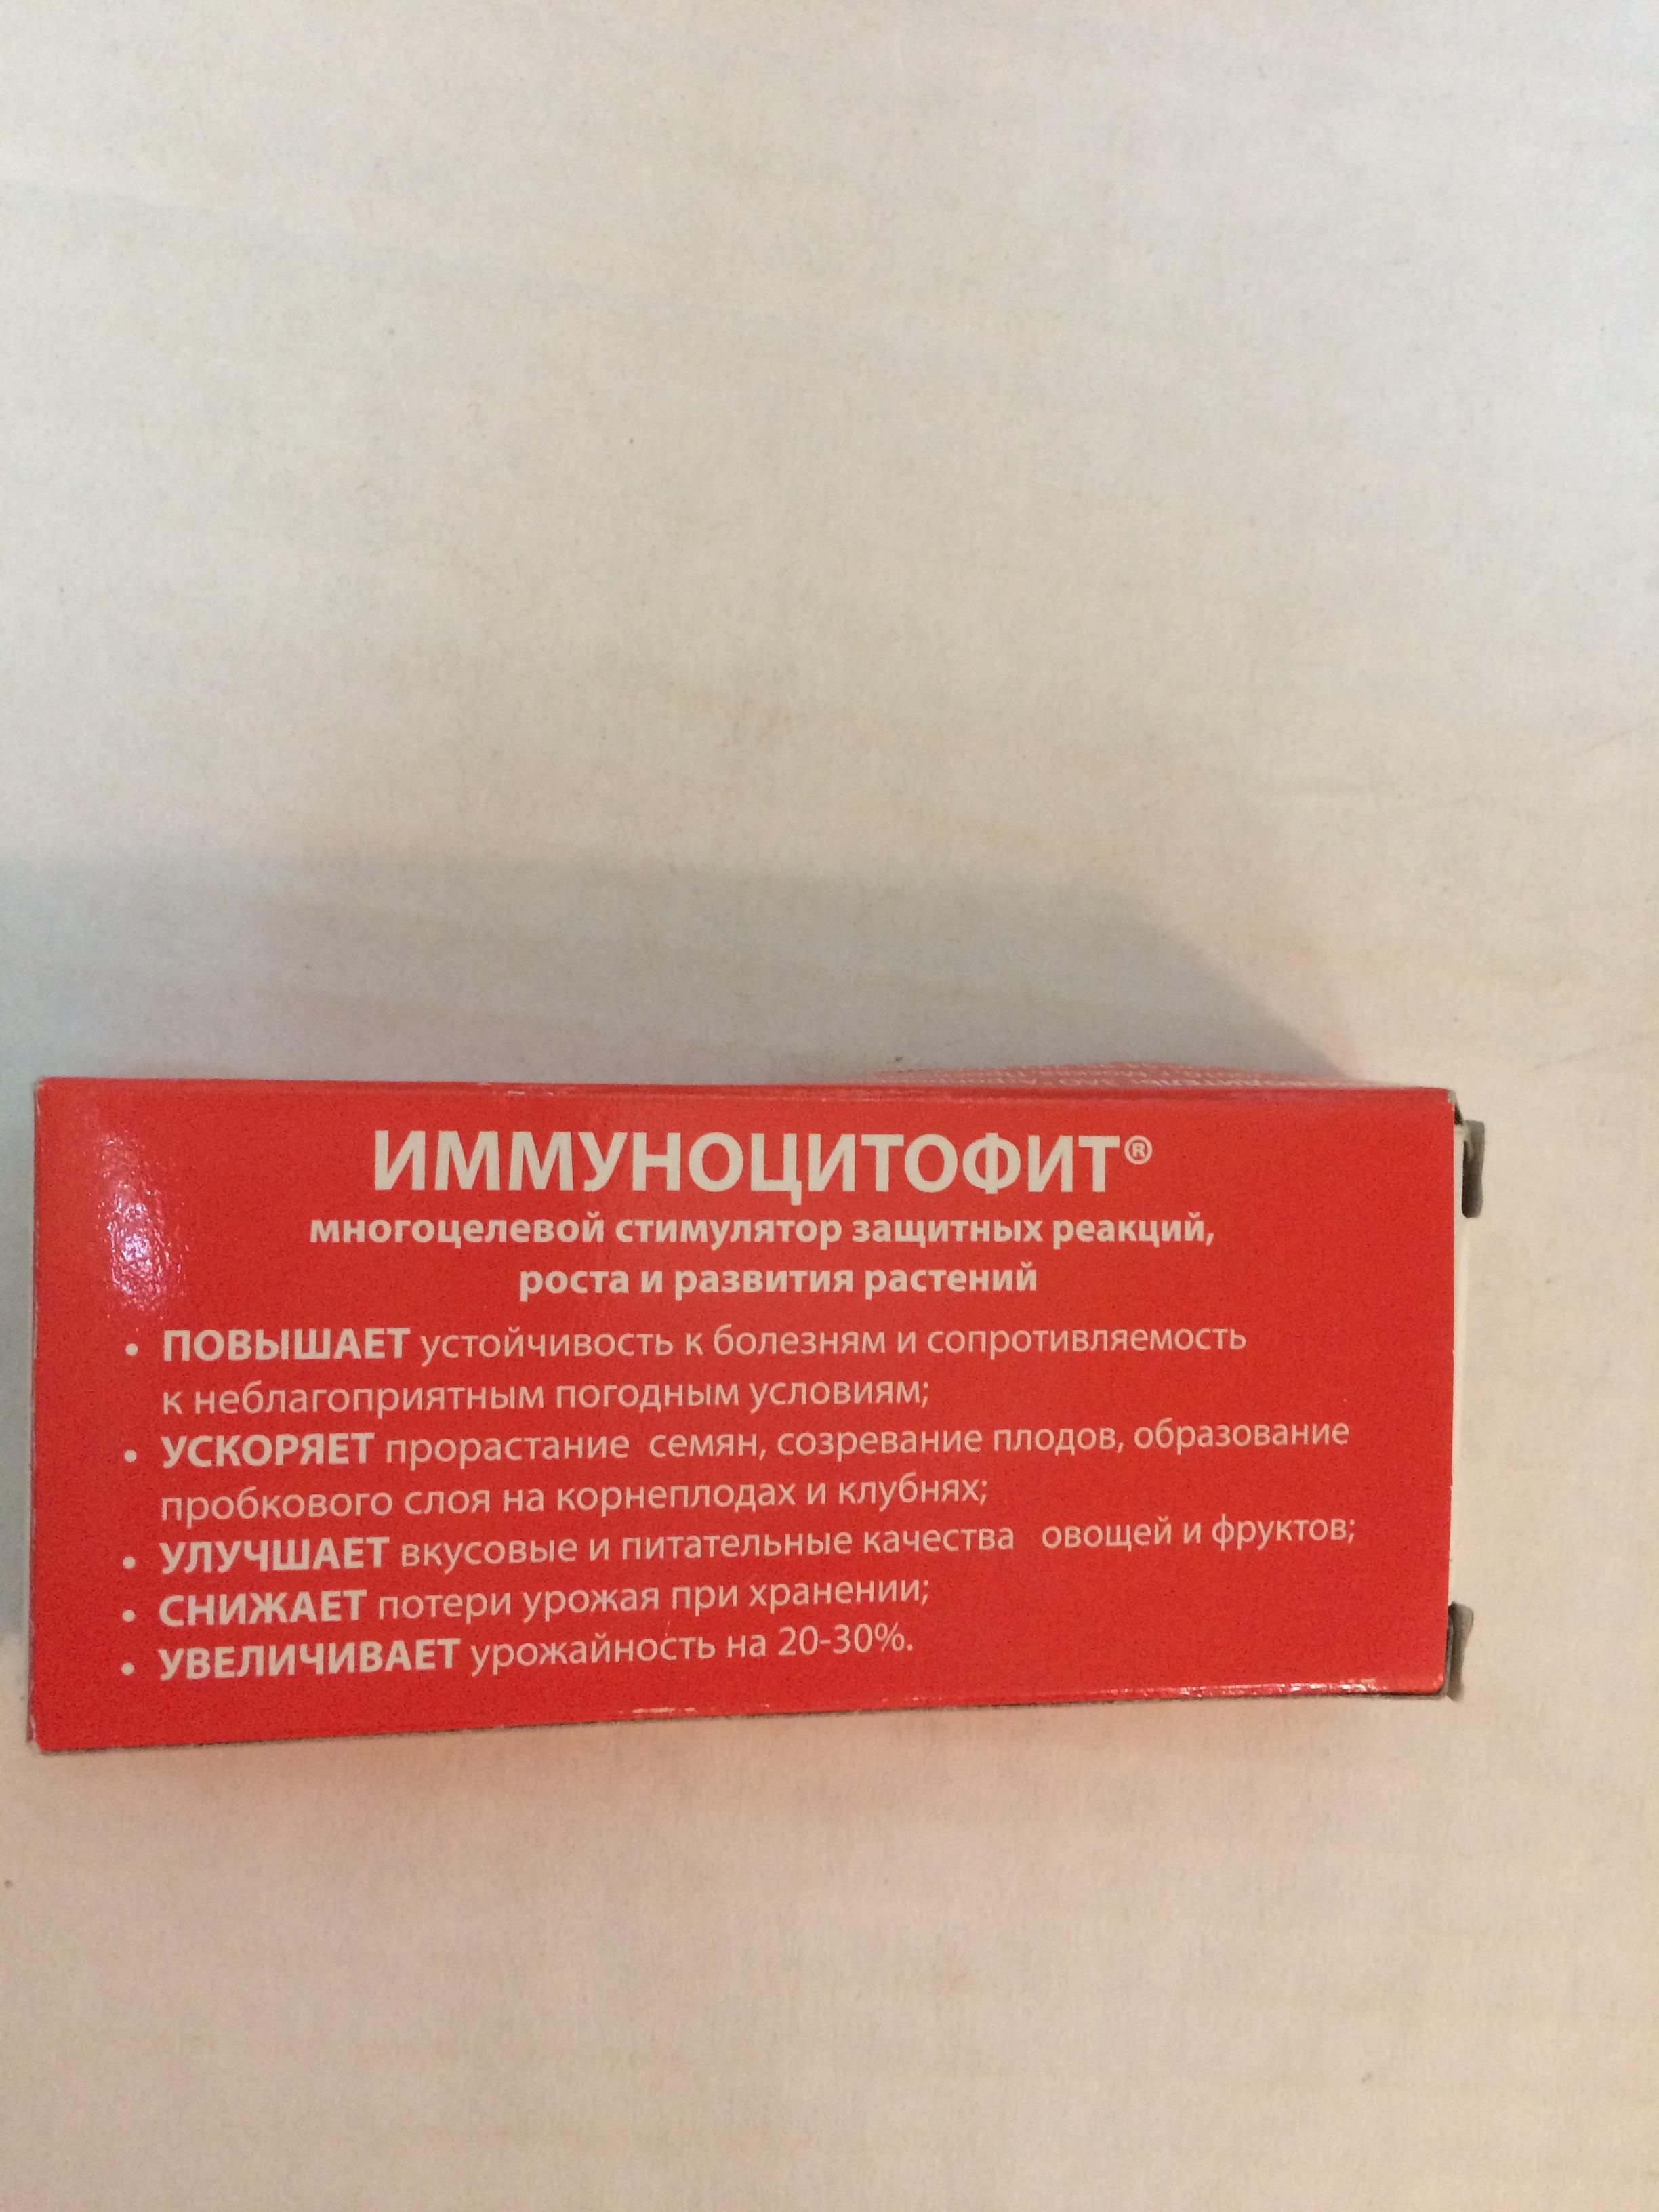 immunocitofit (2)